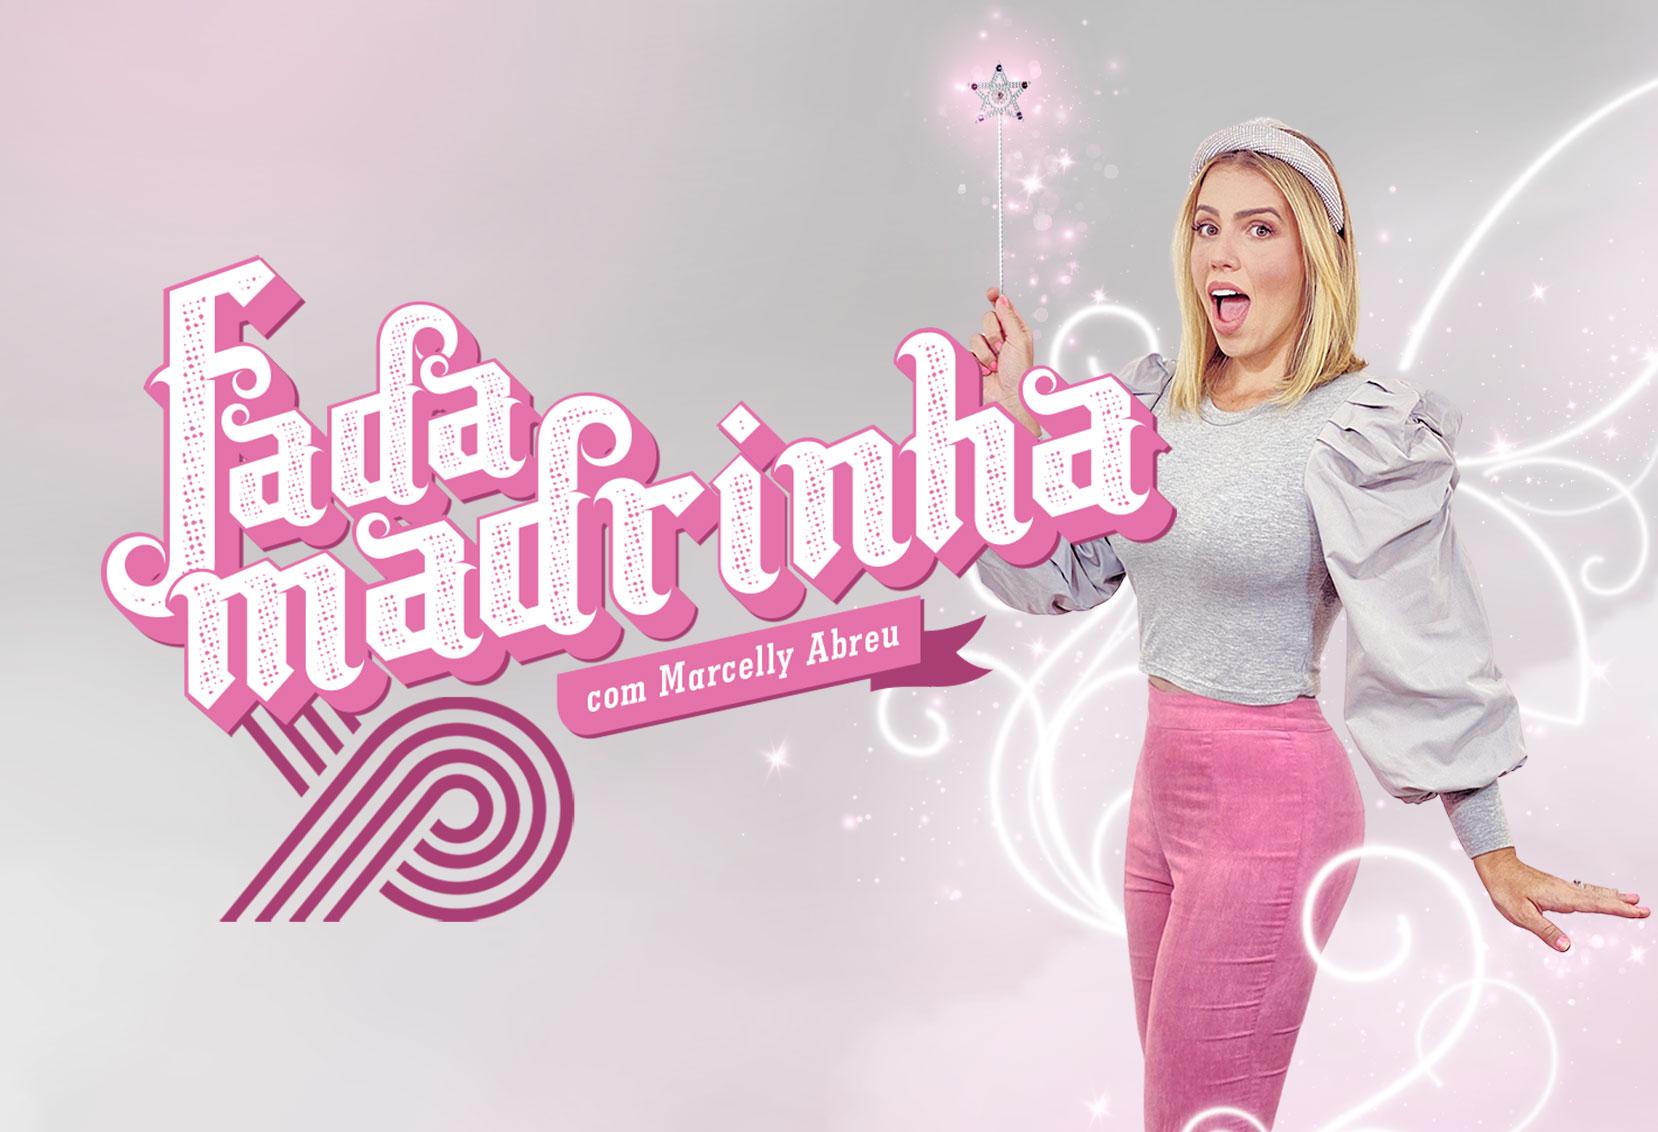 Shopping Parque Balneário Celebra Dia Internacional Da Mulher Com Campanha Digital